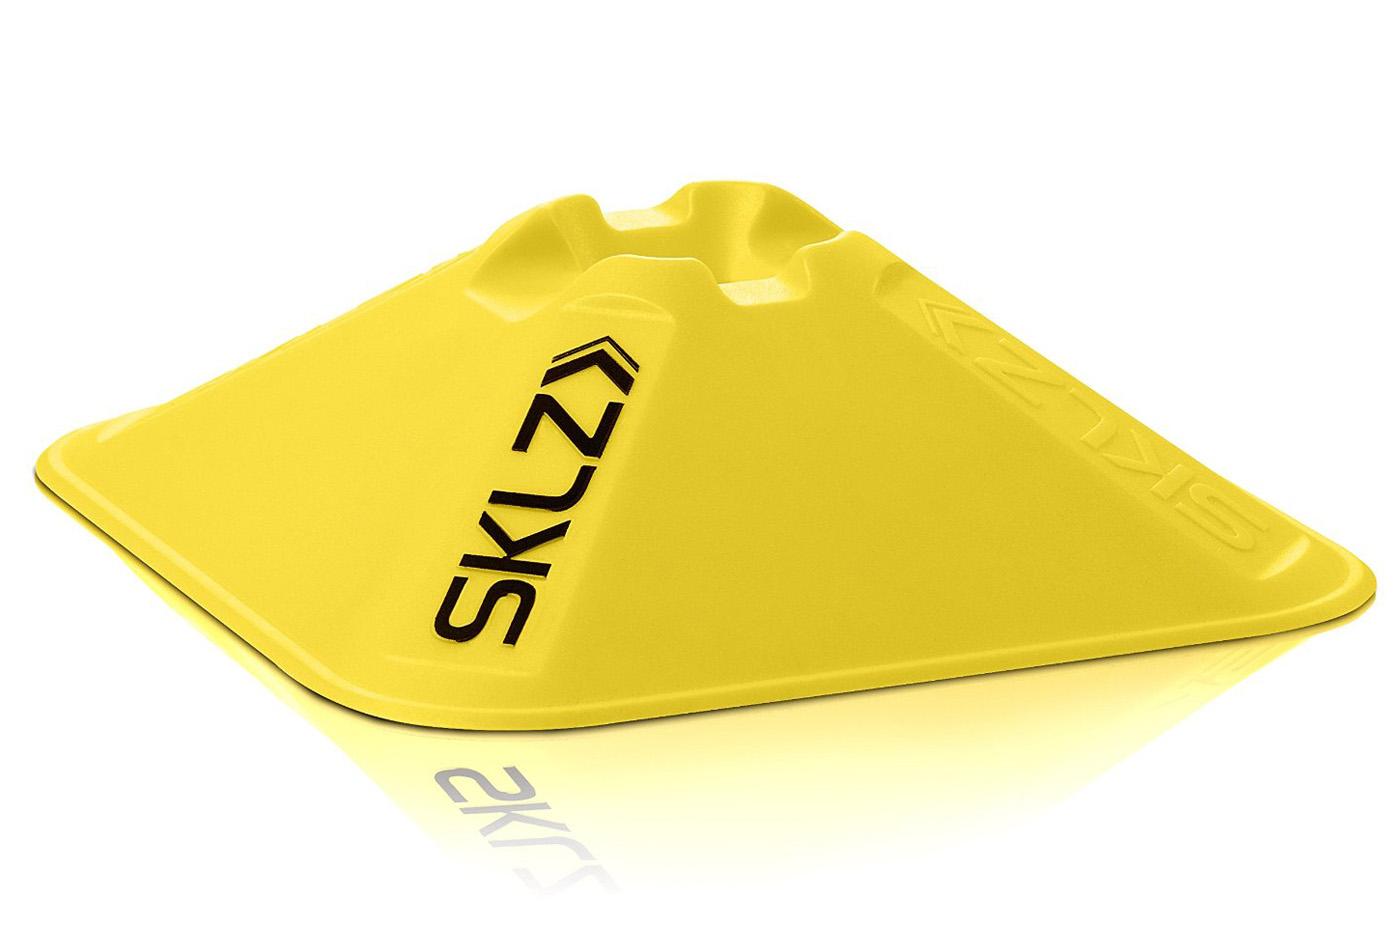 Sklz Cone Drills – Home Exsplore